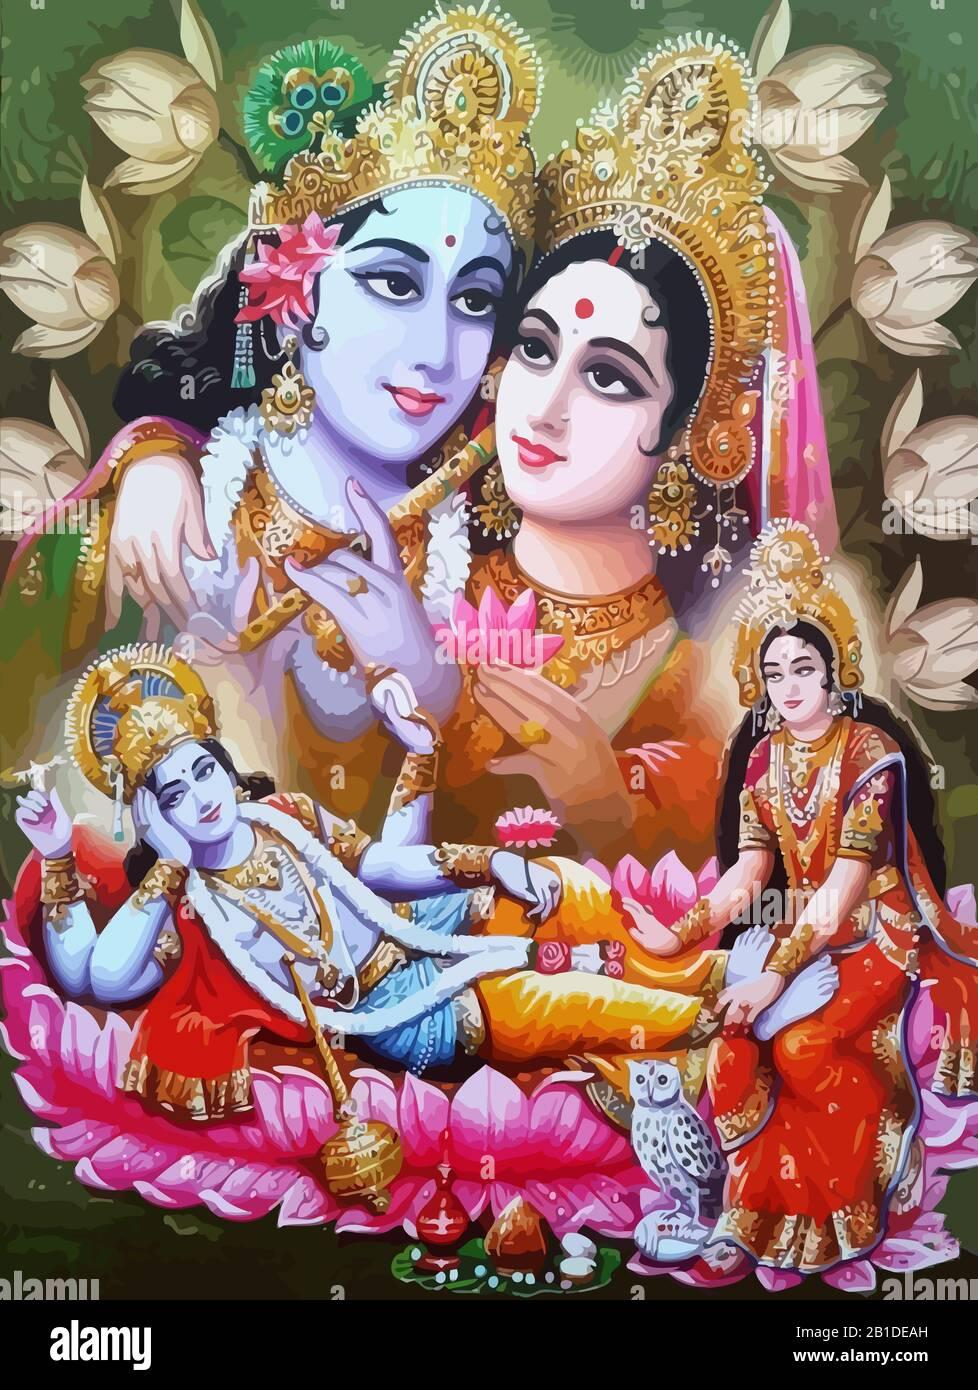 Lord Vishnu Lady Lakshmi Wife Lotus Flower Prosperity Hinduism Mythology Illustration Stock Photo Alamy